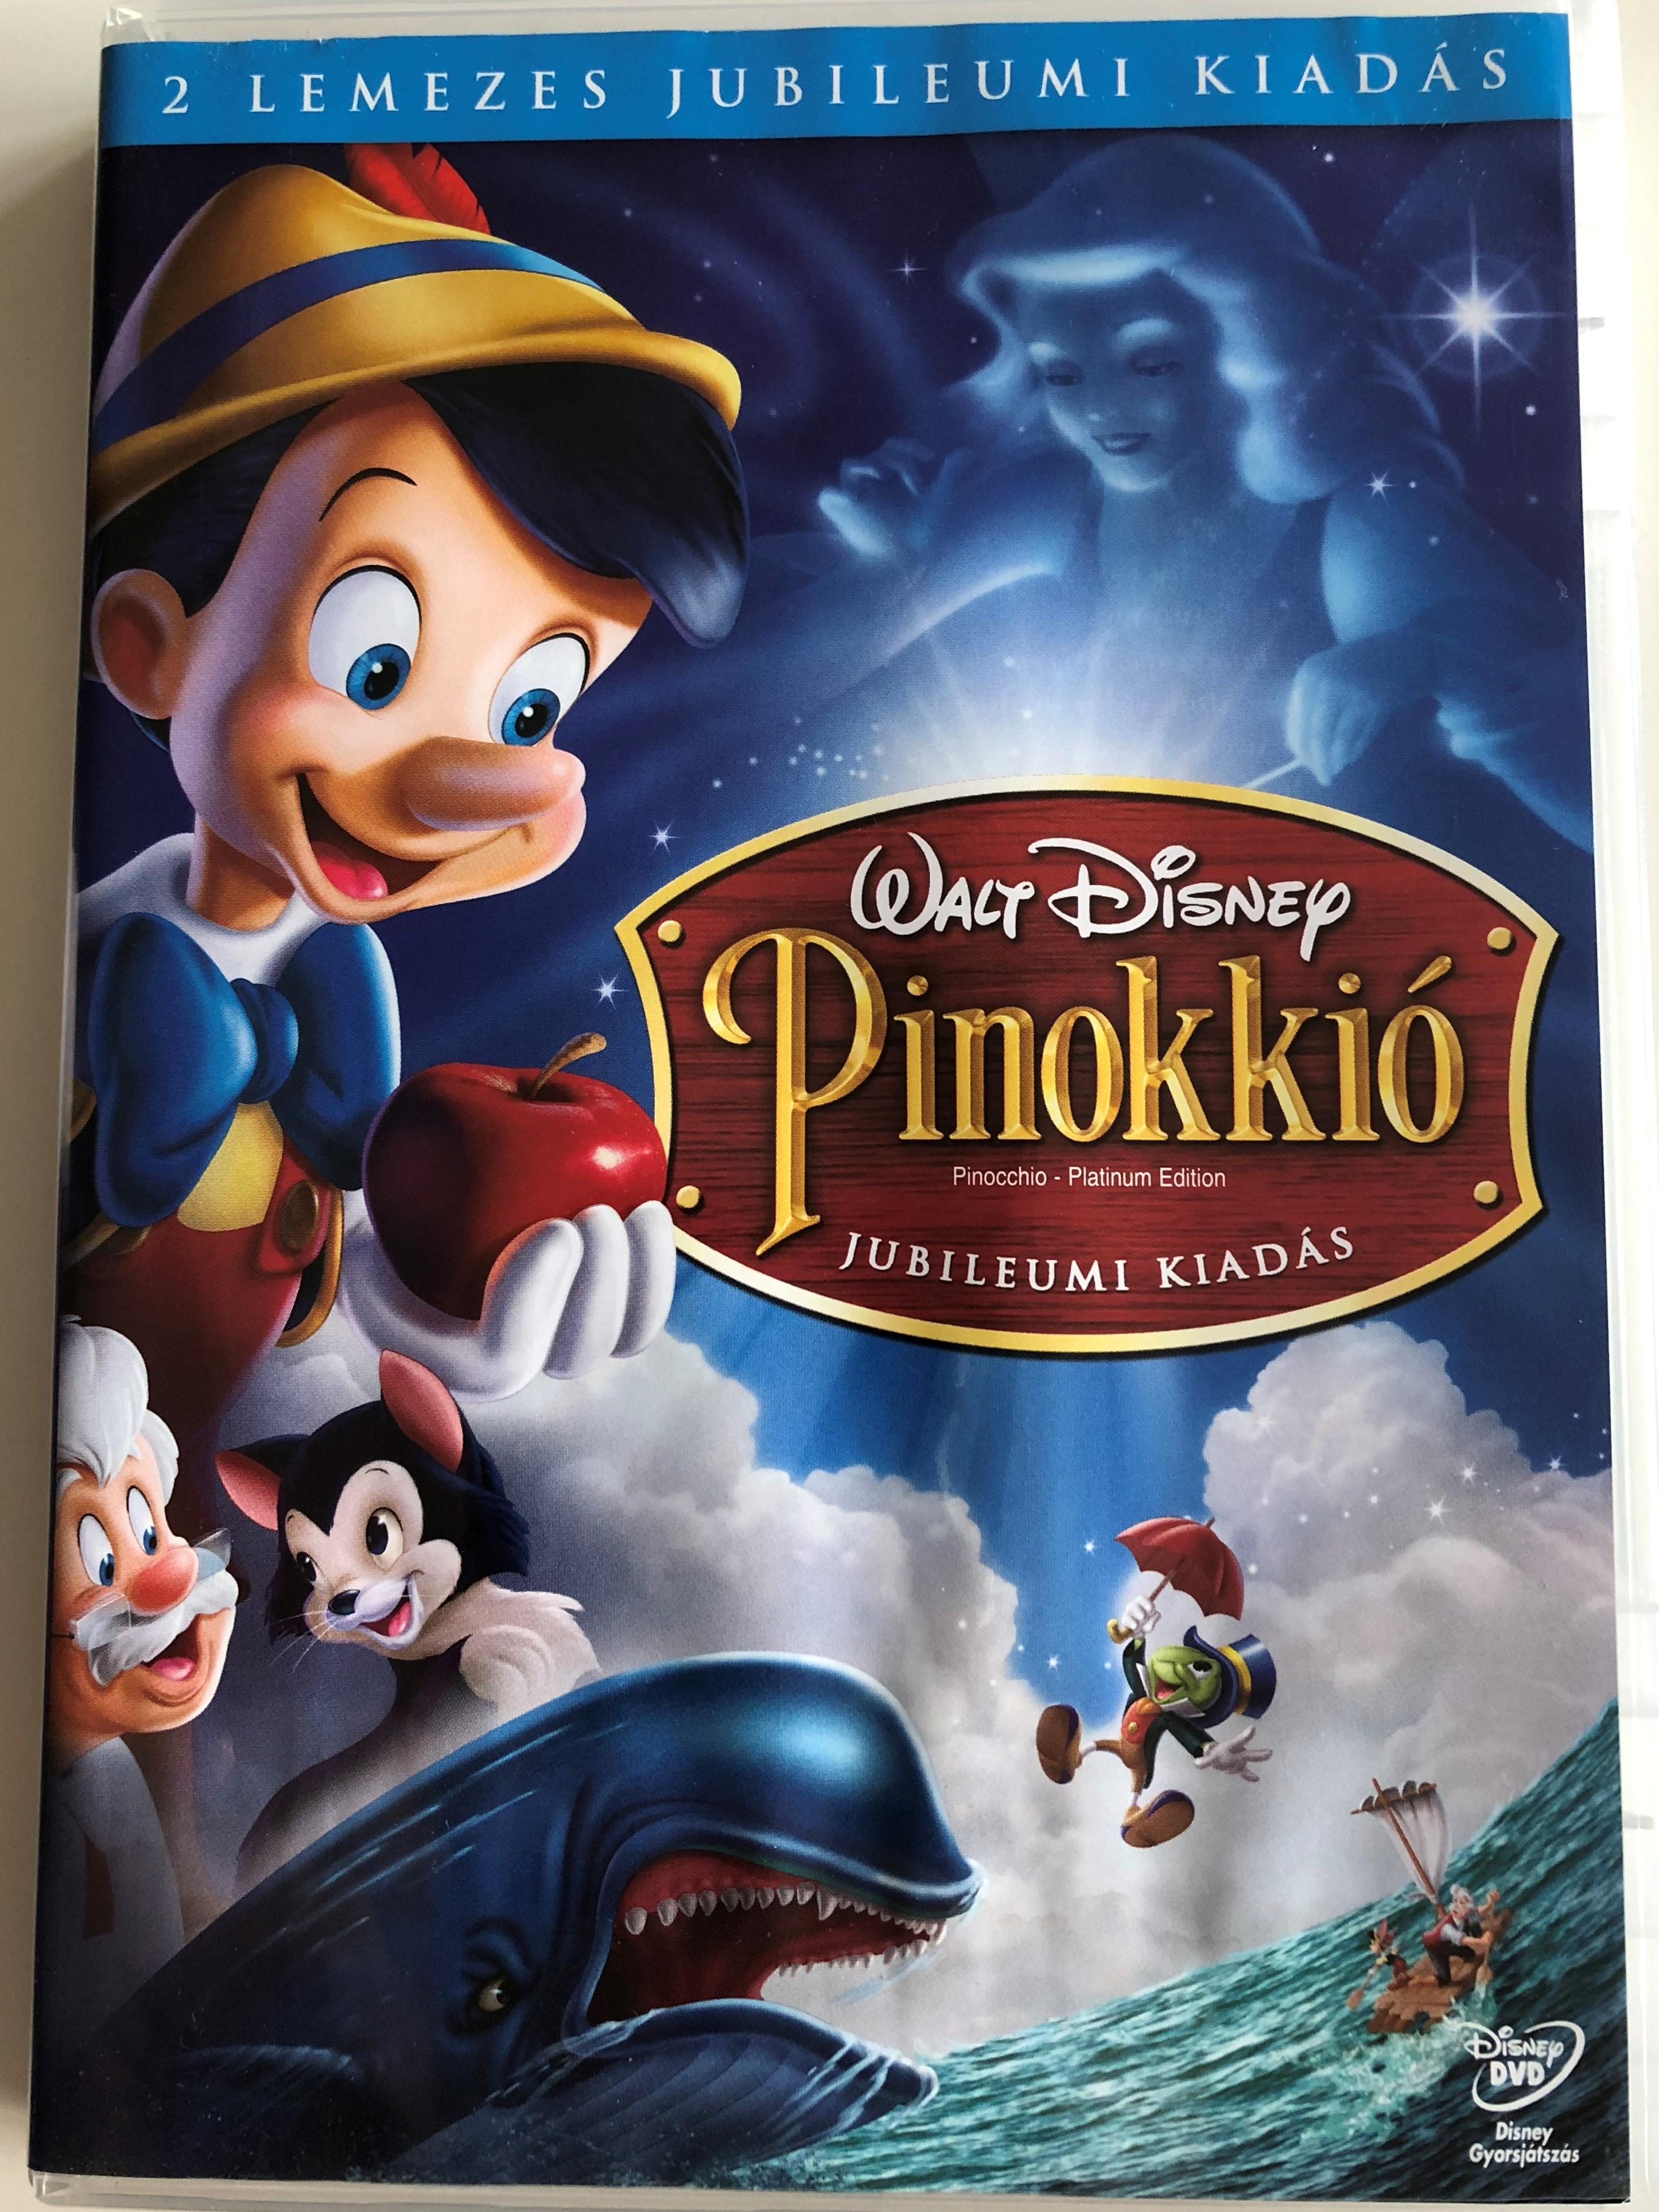 pinocchio-platinum-edition-dvd-1940-pinokki-jubileumi-kiad-s-2-dvd-1.jpg